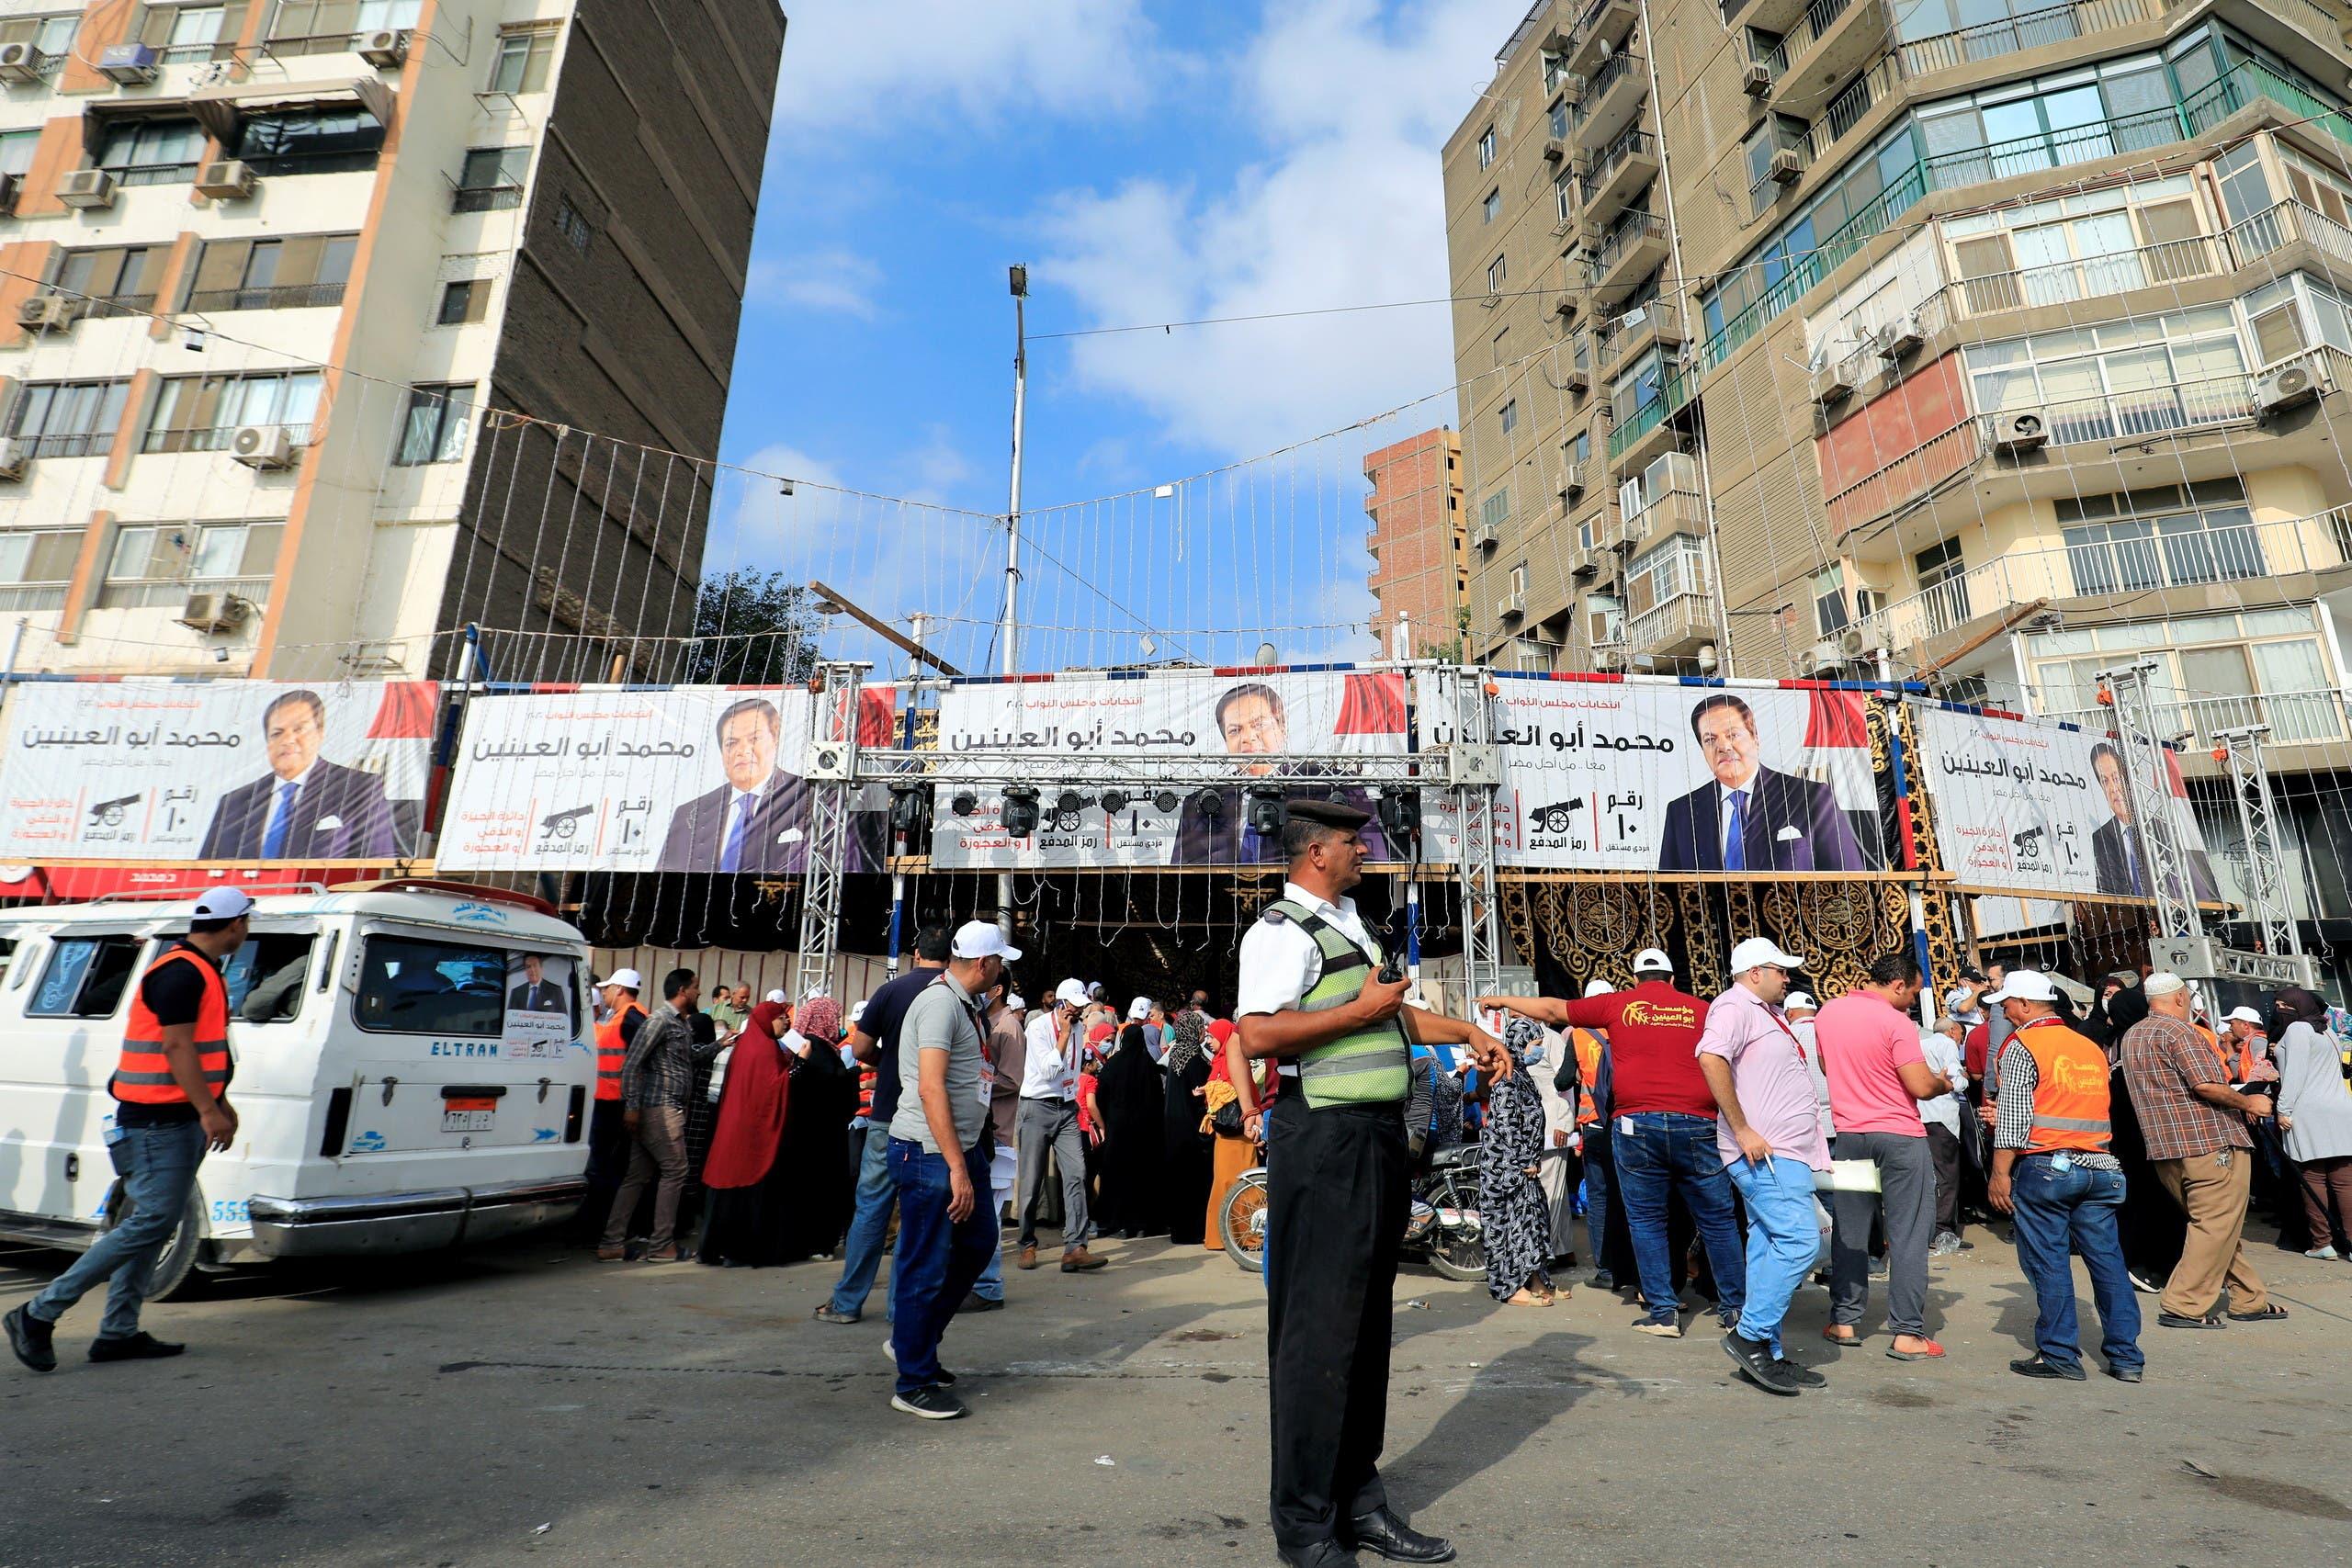 من الانتخابات المصرية